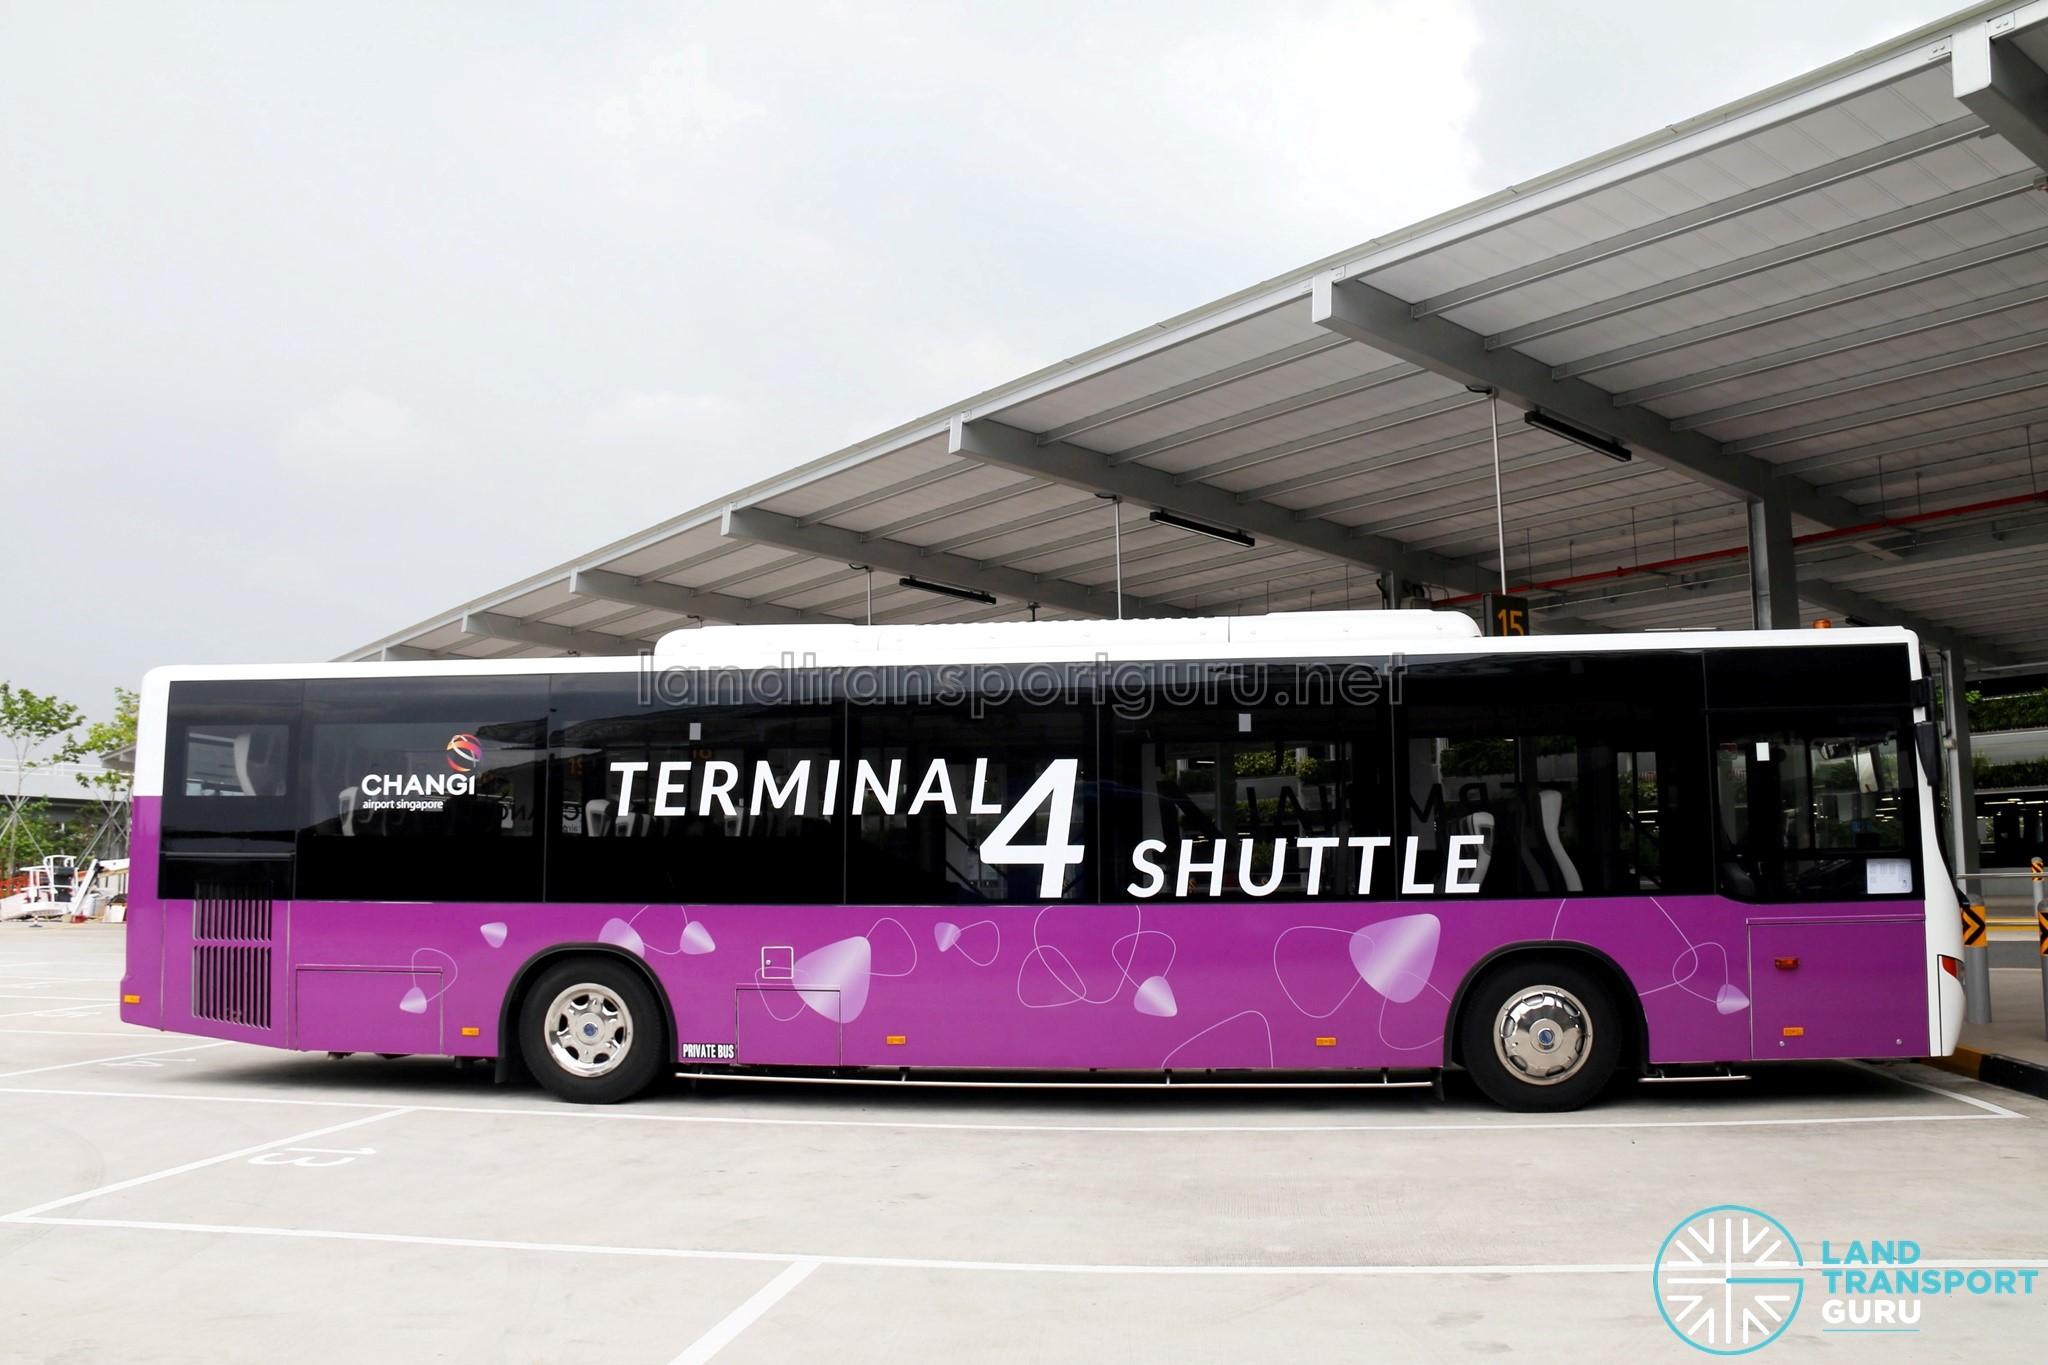 t4 shuttle bus land transport guru. Black Bedroom Furniture Sets. Home Design Ideas